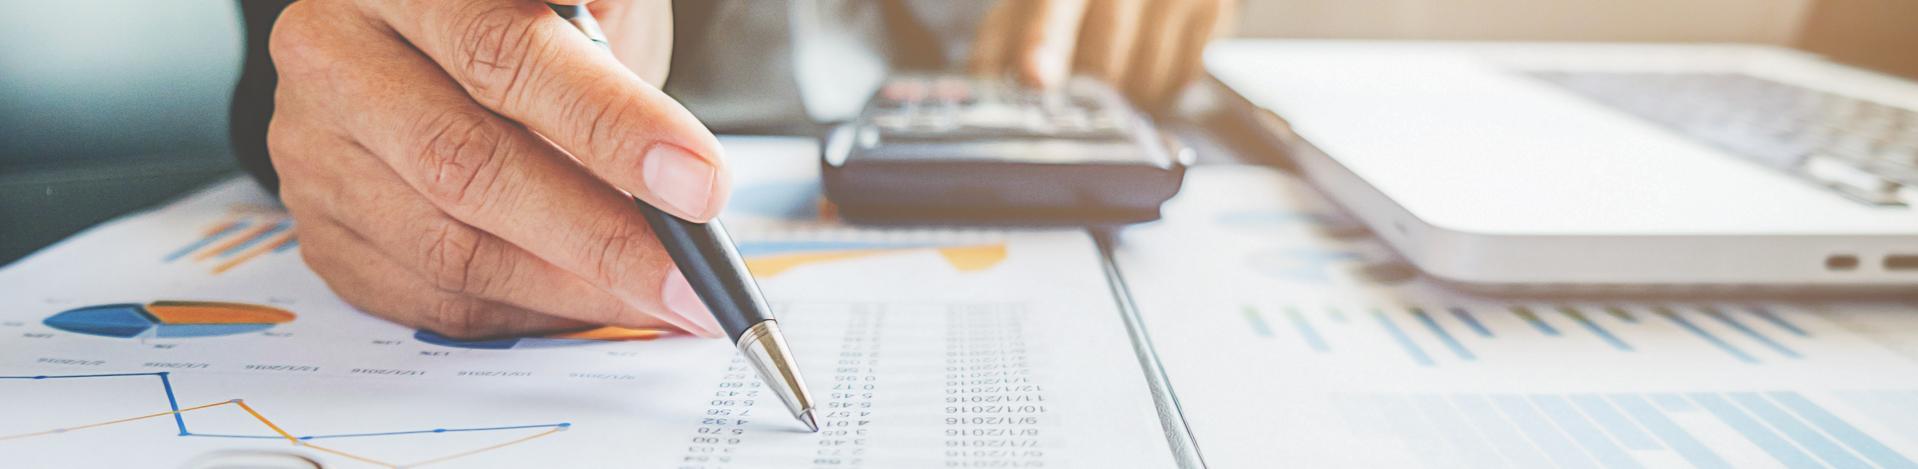 חיסכון פיננסי אישי